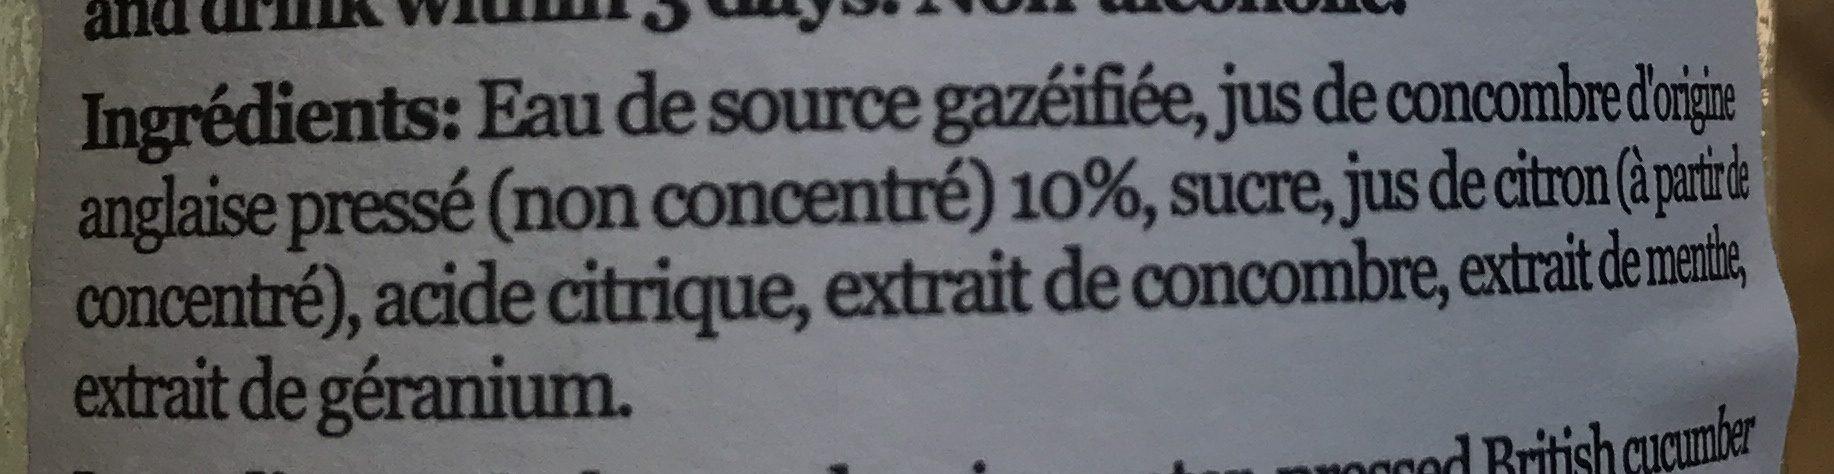 Limonade Aromatisée Concombre & Menthe - Ingrediënten